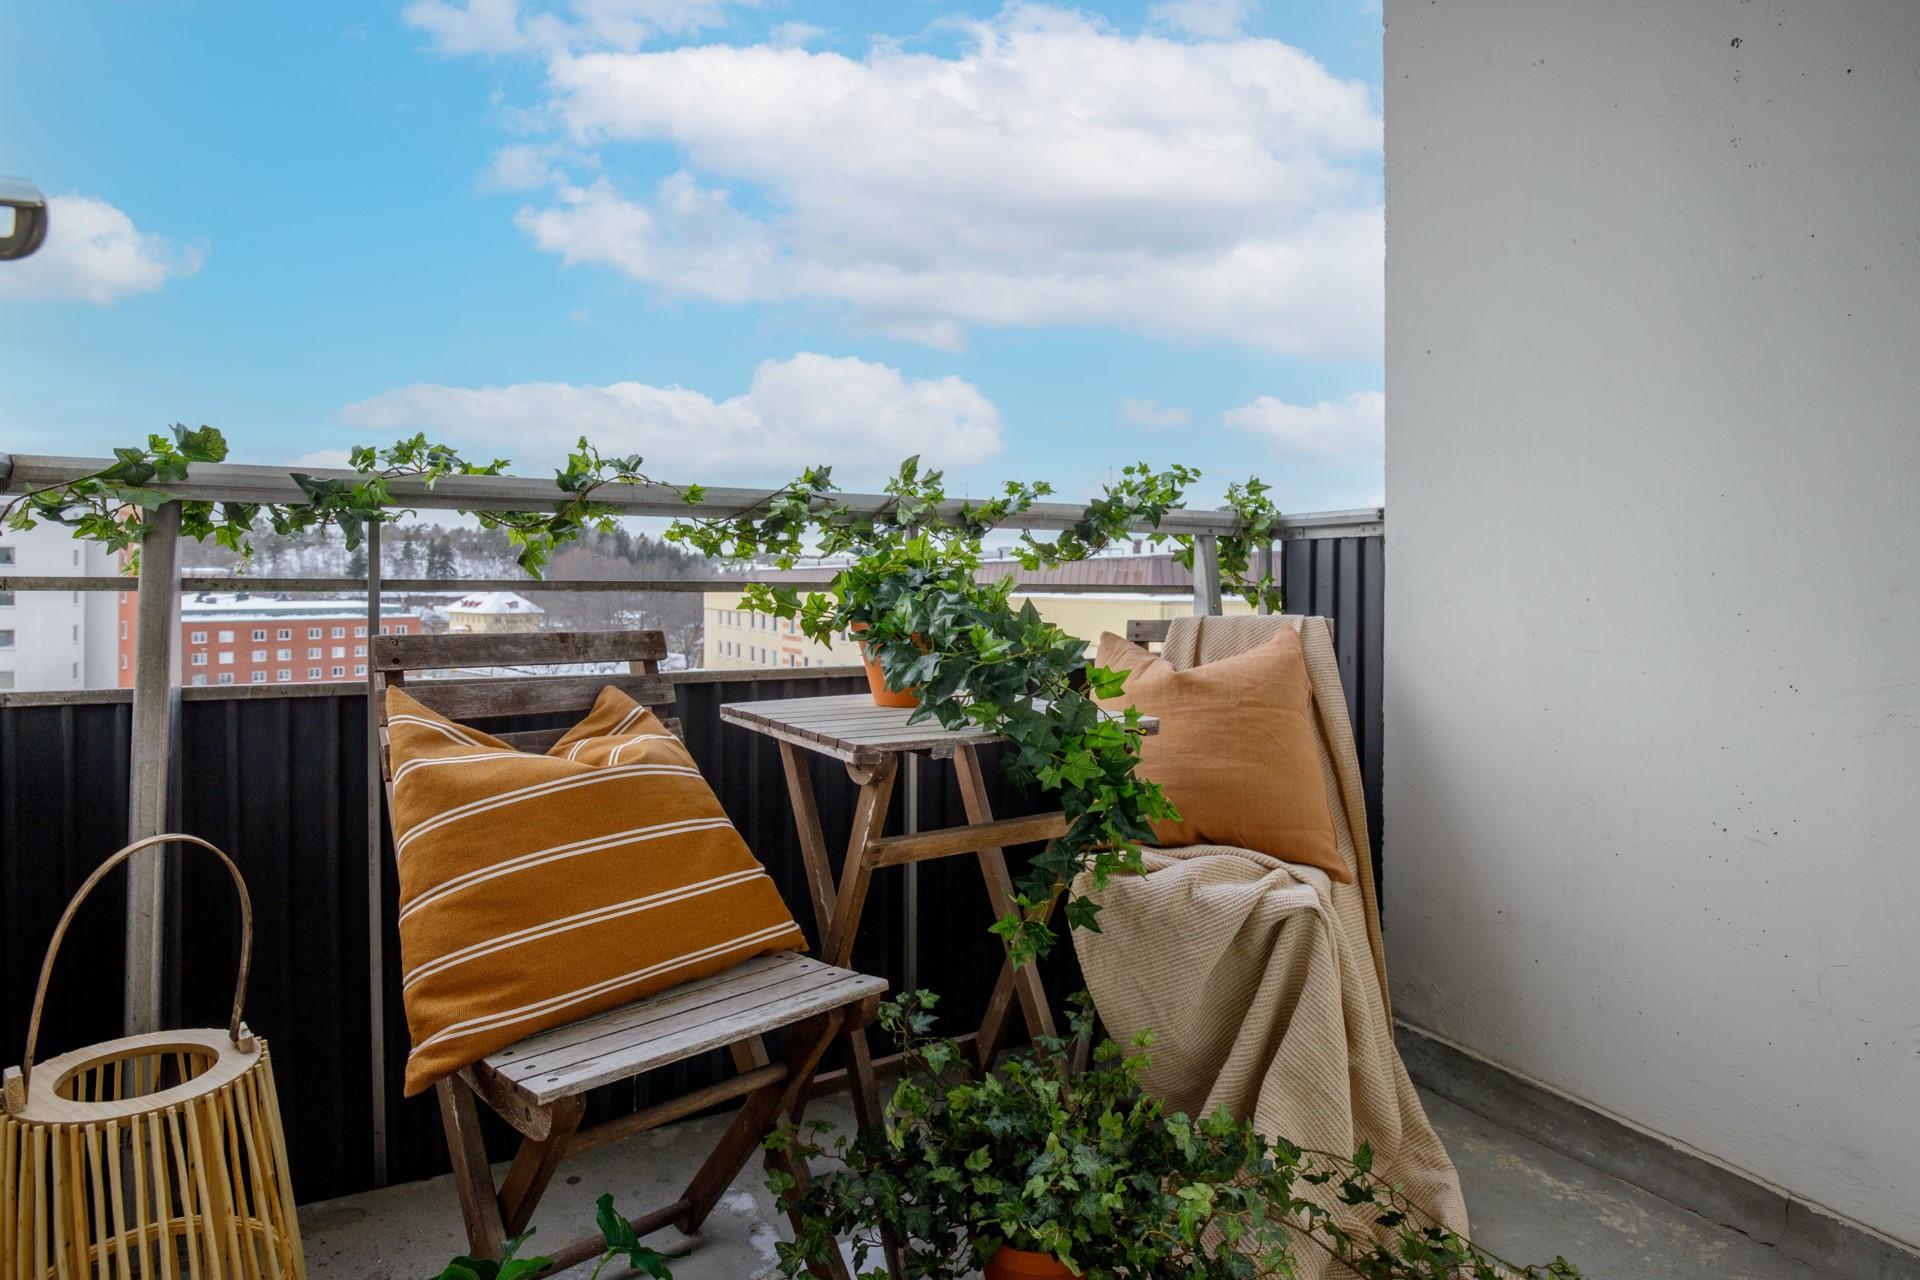 Tumba Torg 107, vån 5 - Balkong med ett högt och fritt läge